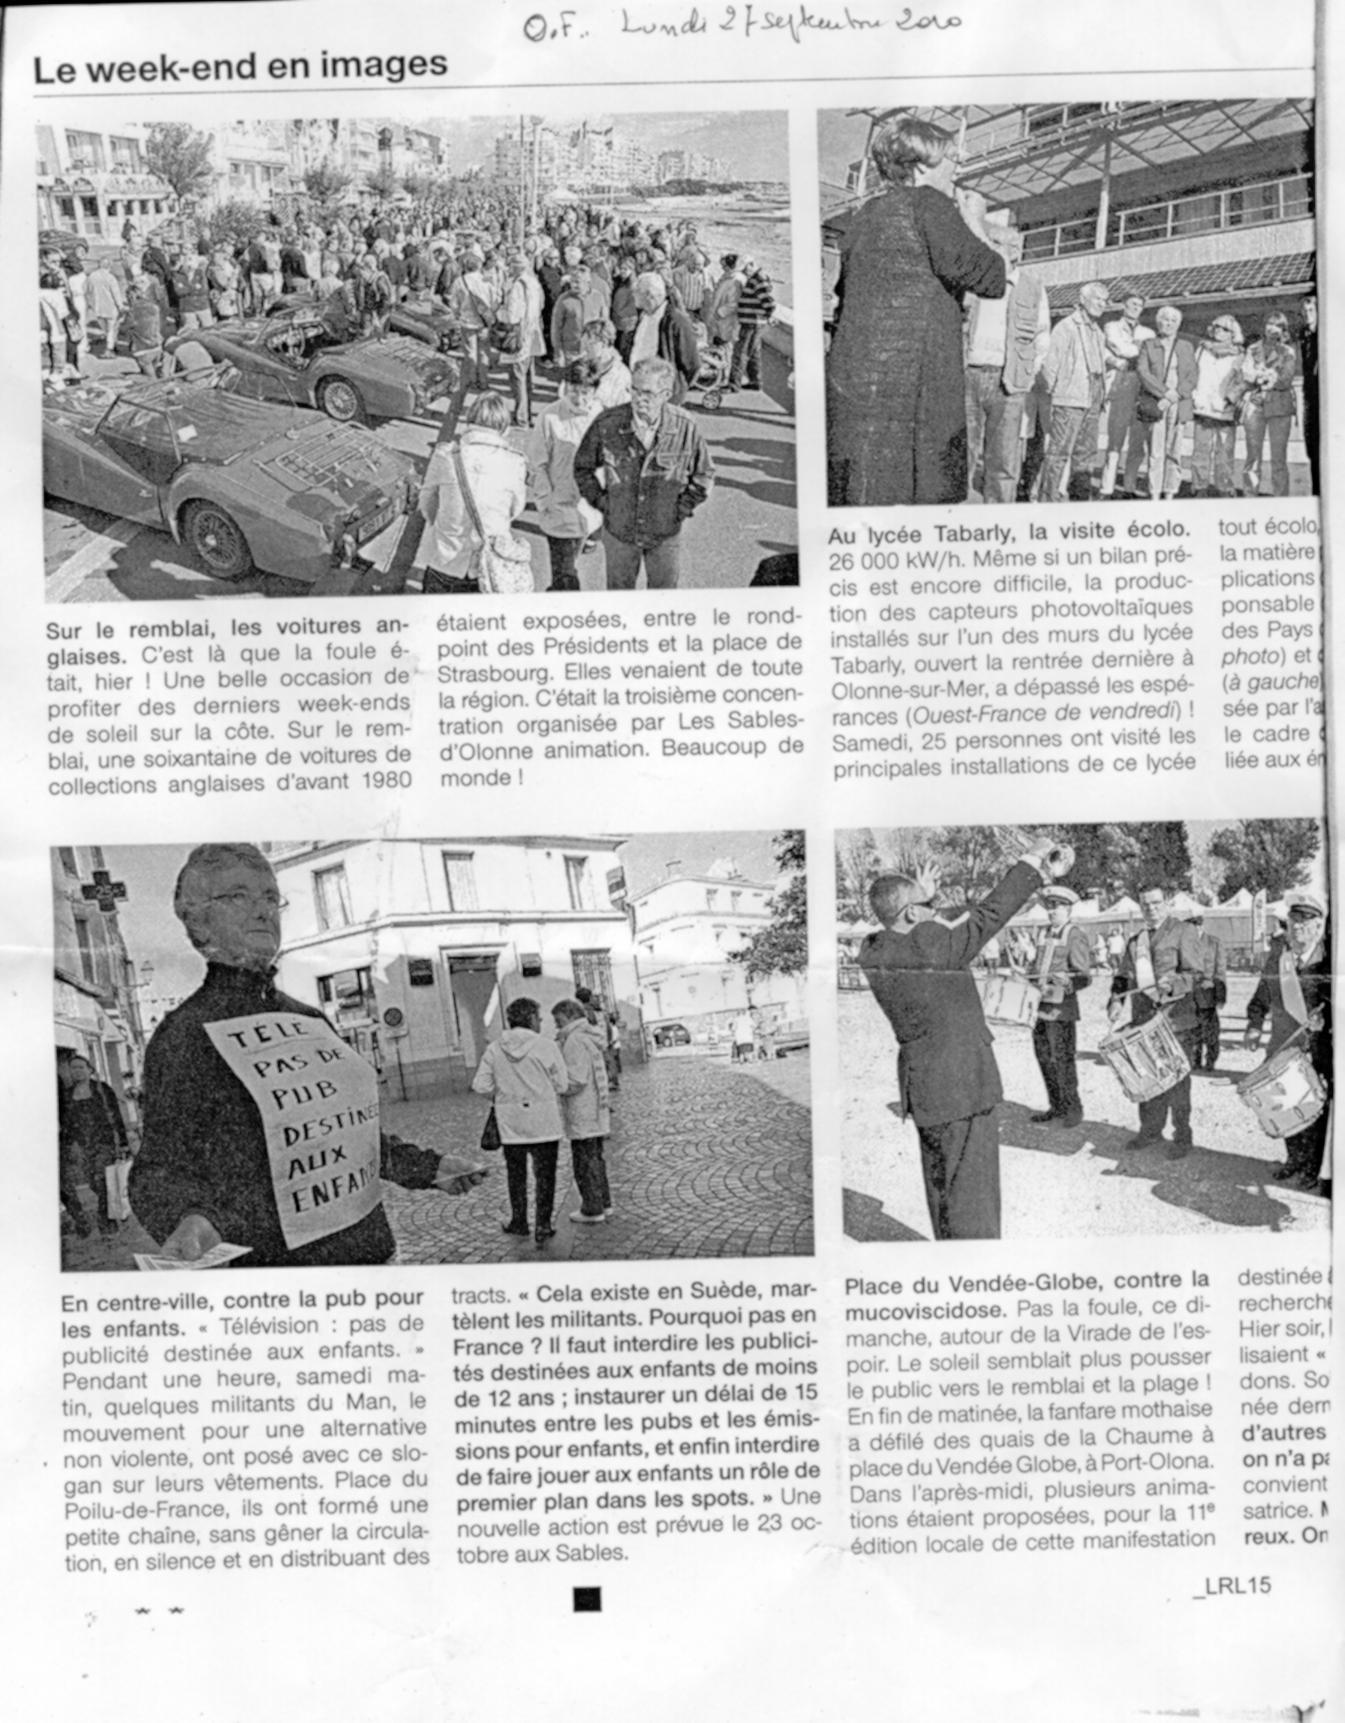 Extrait du journal Ouest France 27 septembre 2010